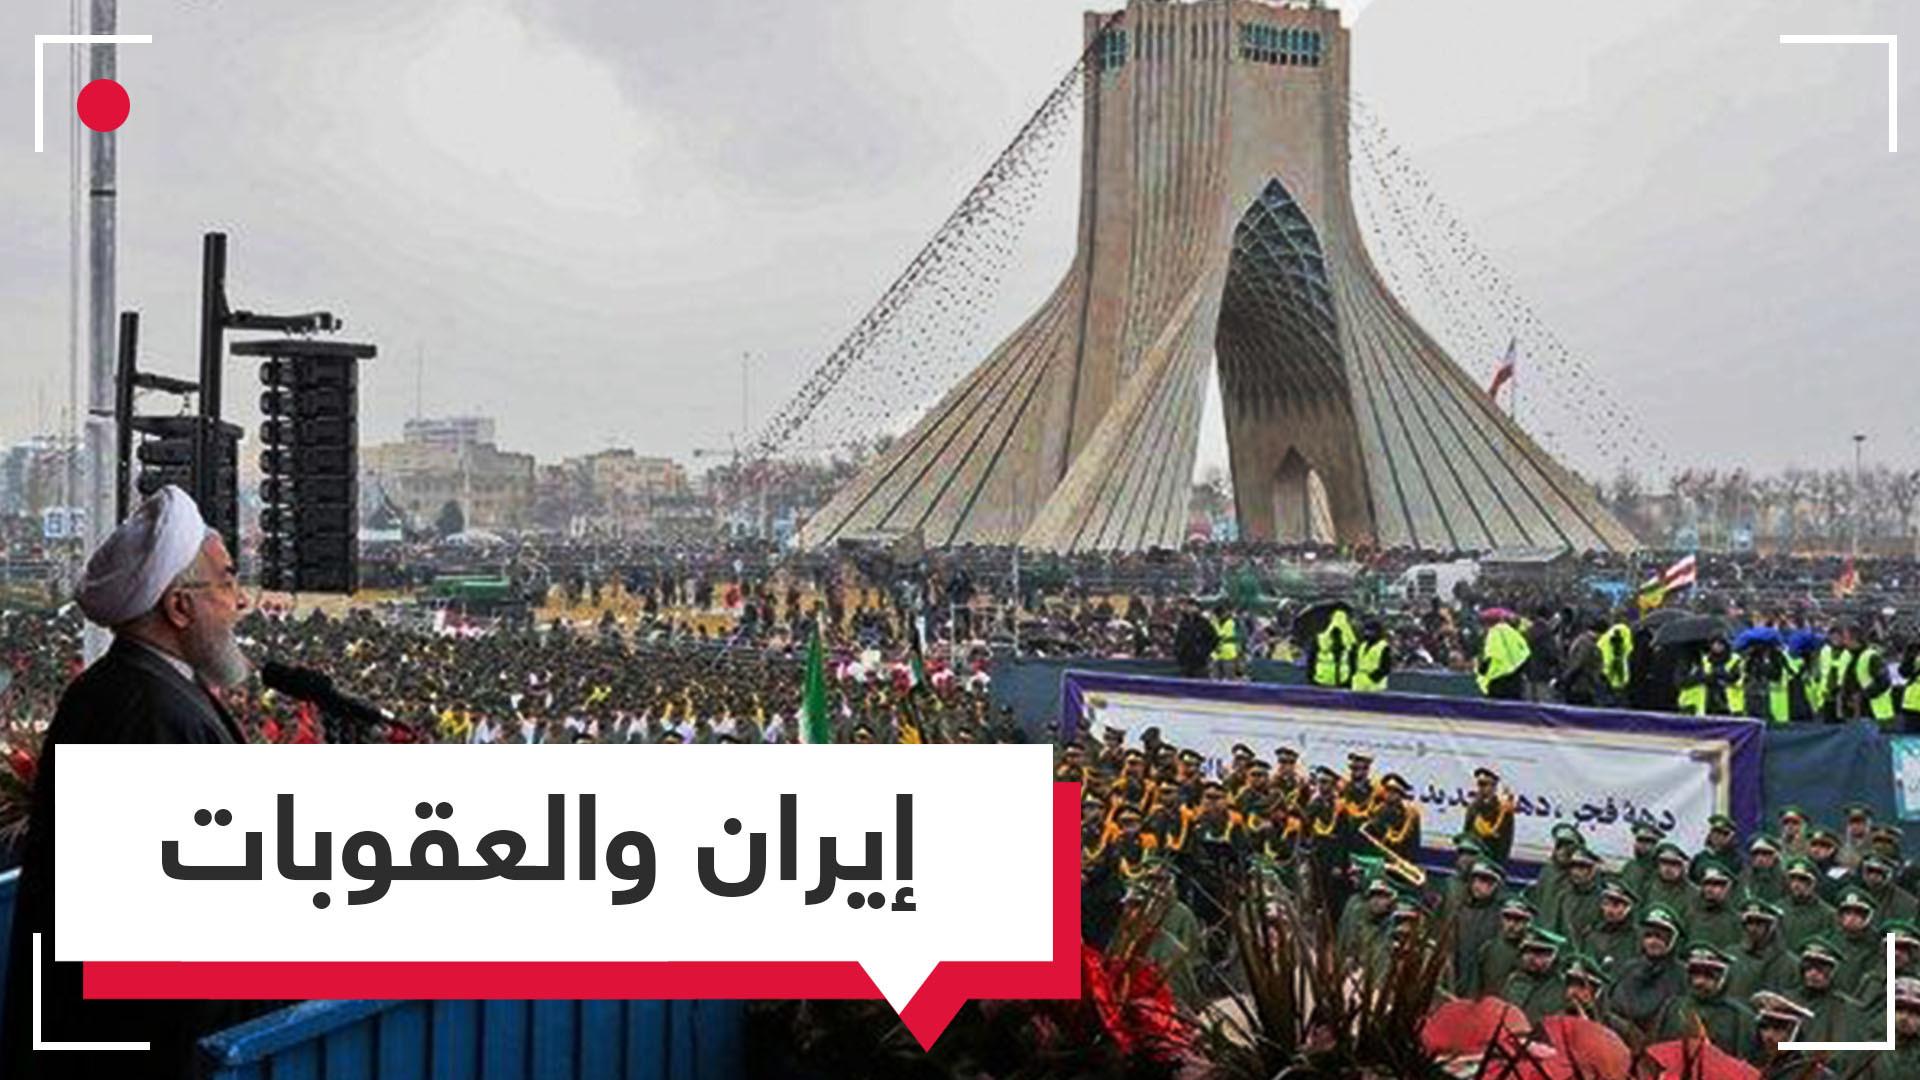 بالأرقام.. هذا ما فعلته العقوبات الأمريكية باقتصاد إيران فكيف سترد الصفعة؟